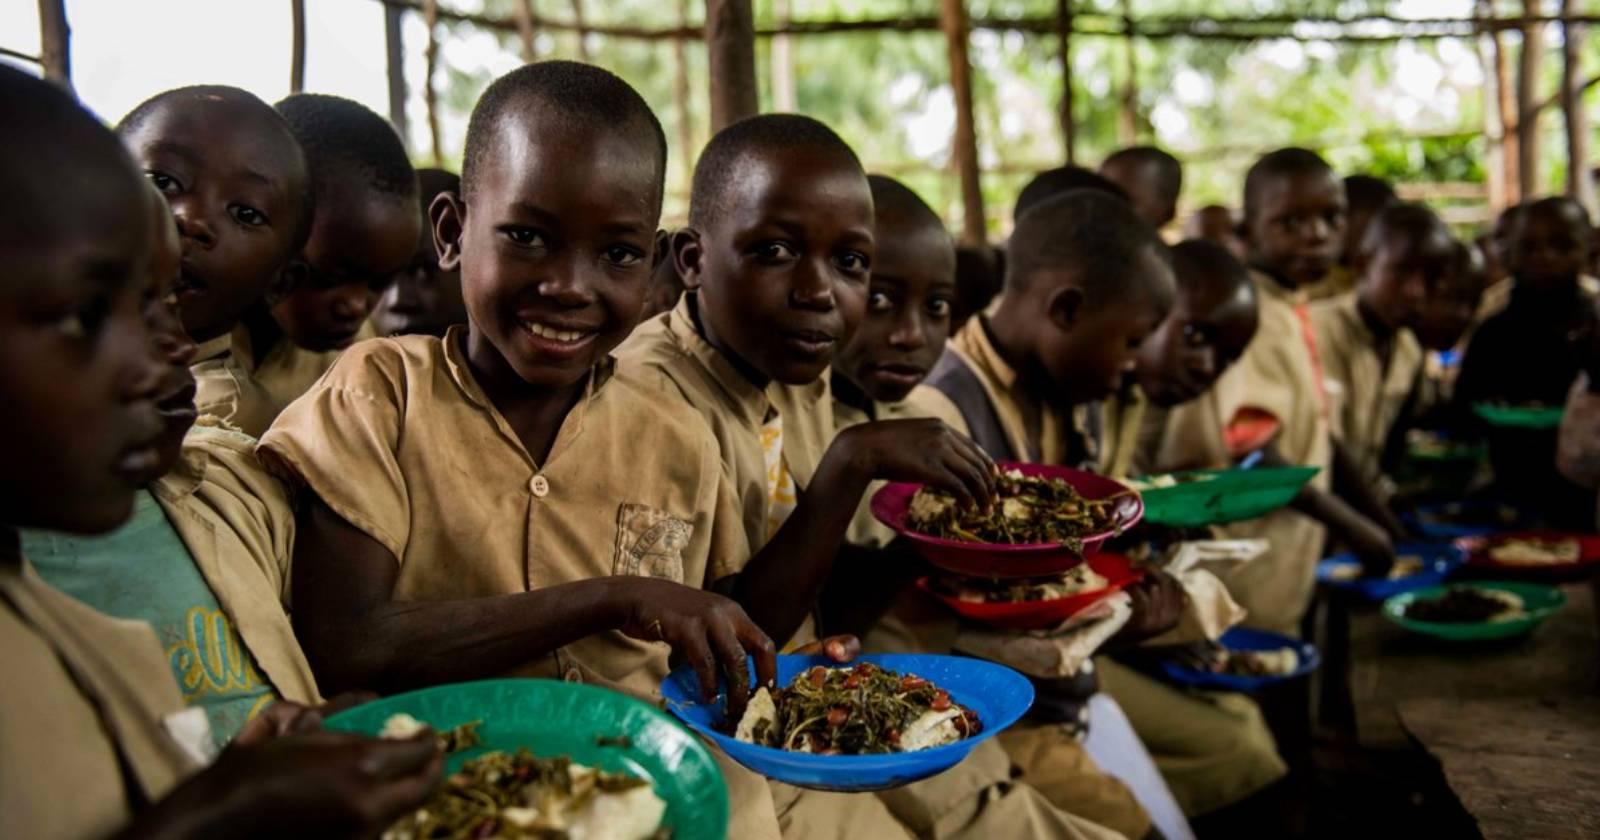 Programa Mundial de Alimentos de la ONU obtuvo el Premio Nobel de la Paz 2020